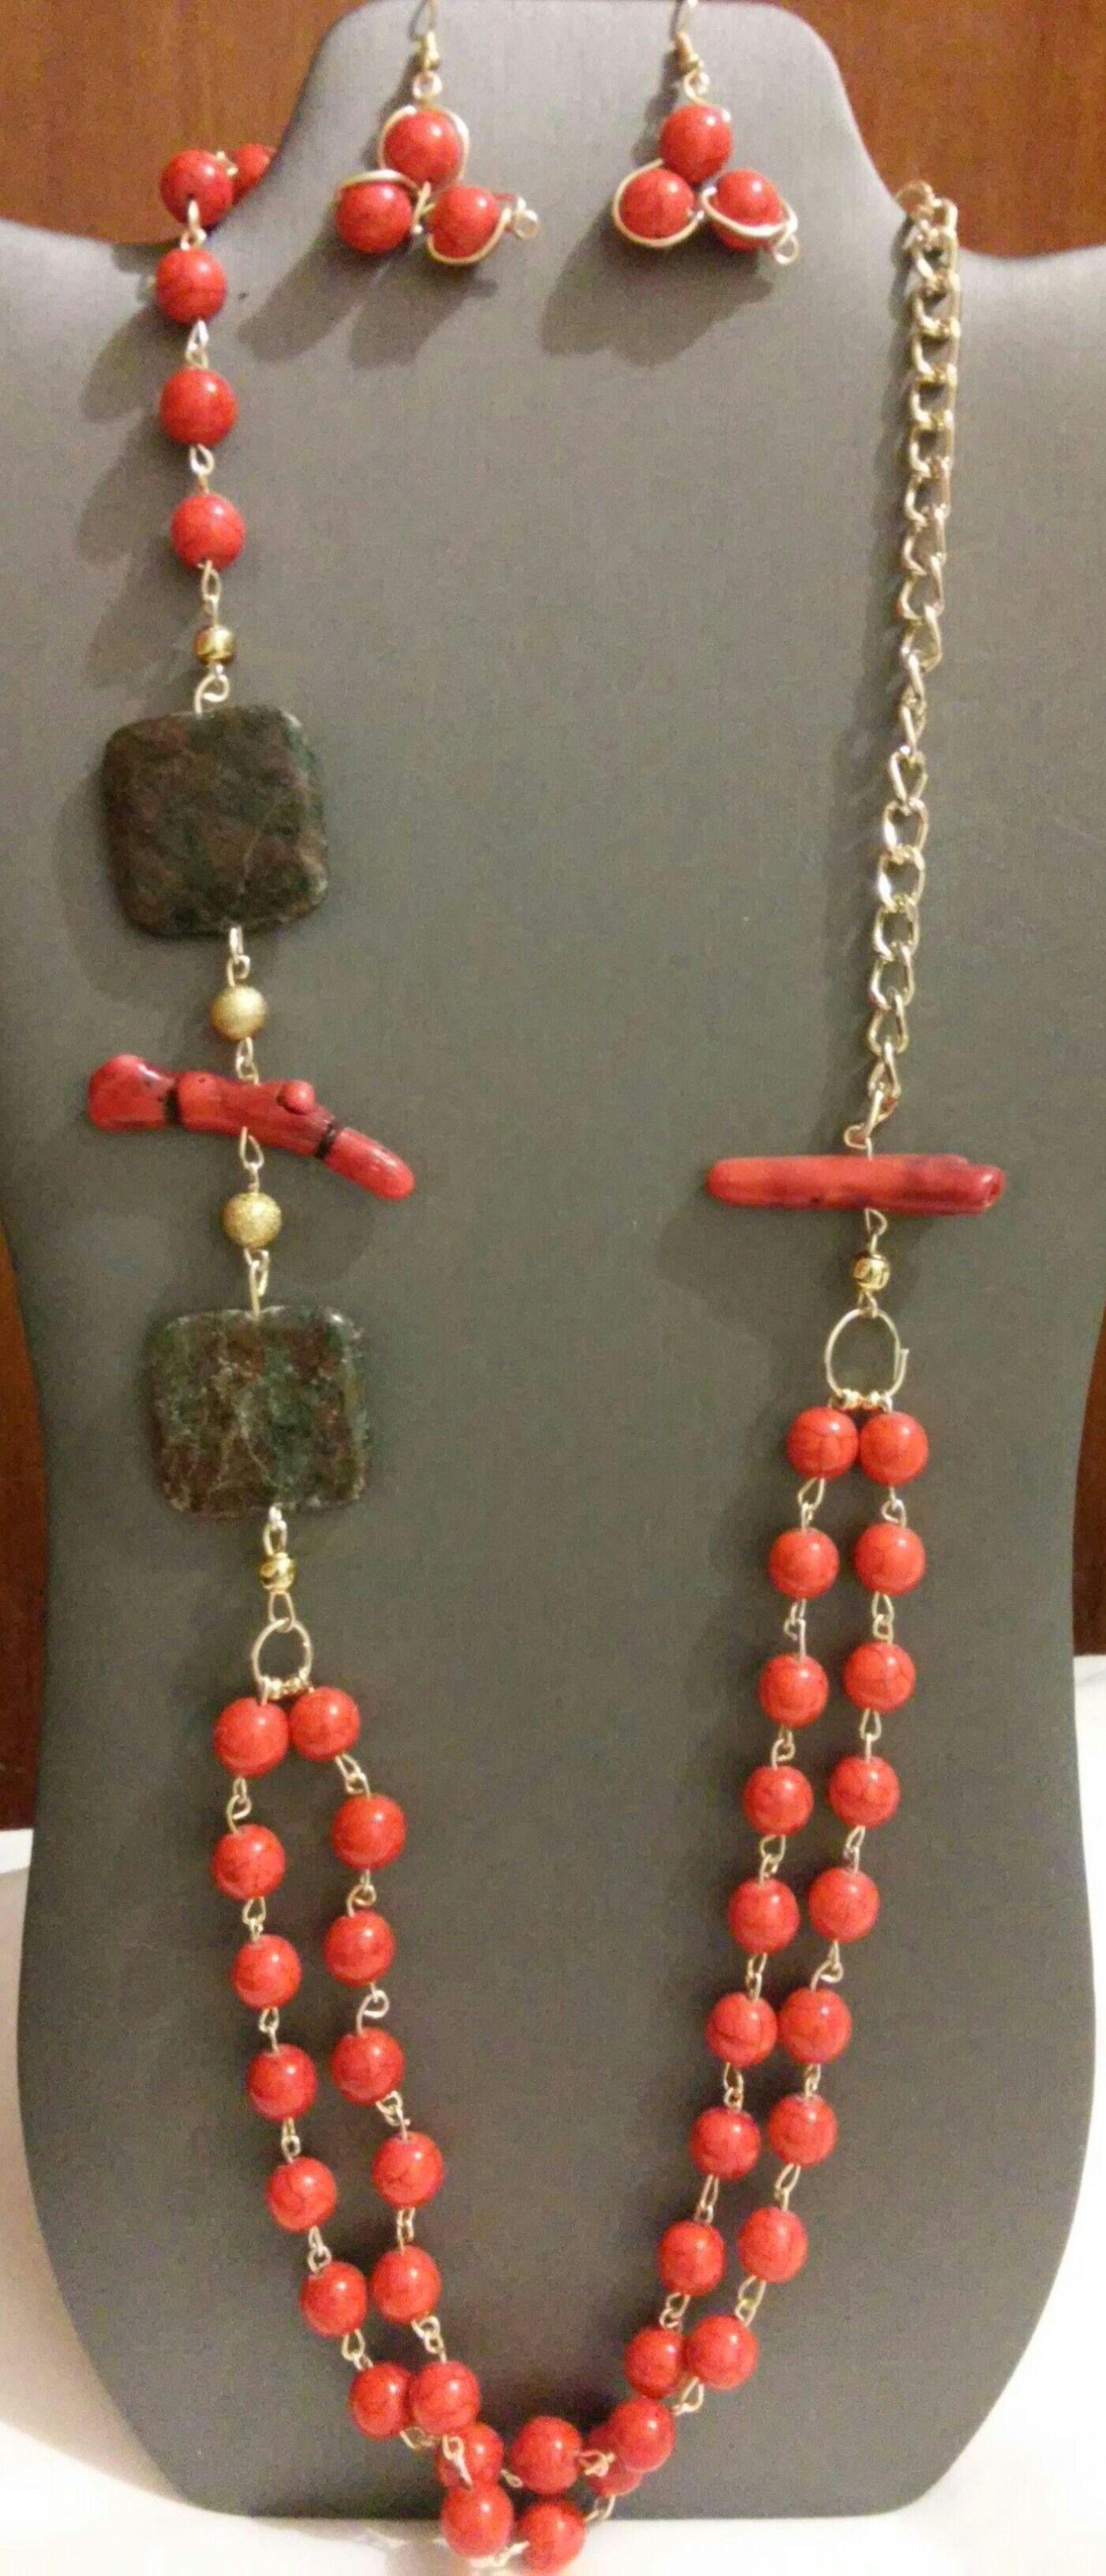 5049a0d6e84d Collar largo en alambrismo con agata roja